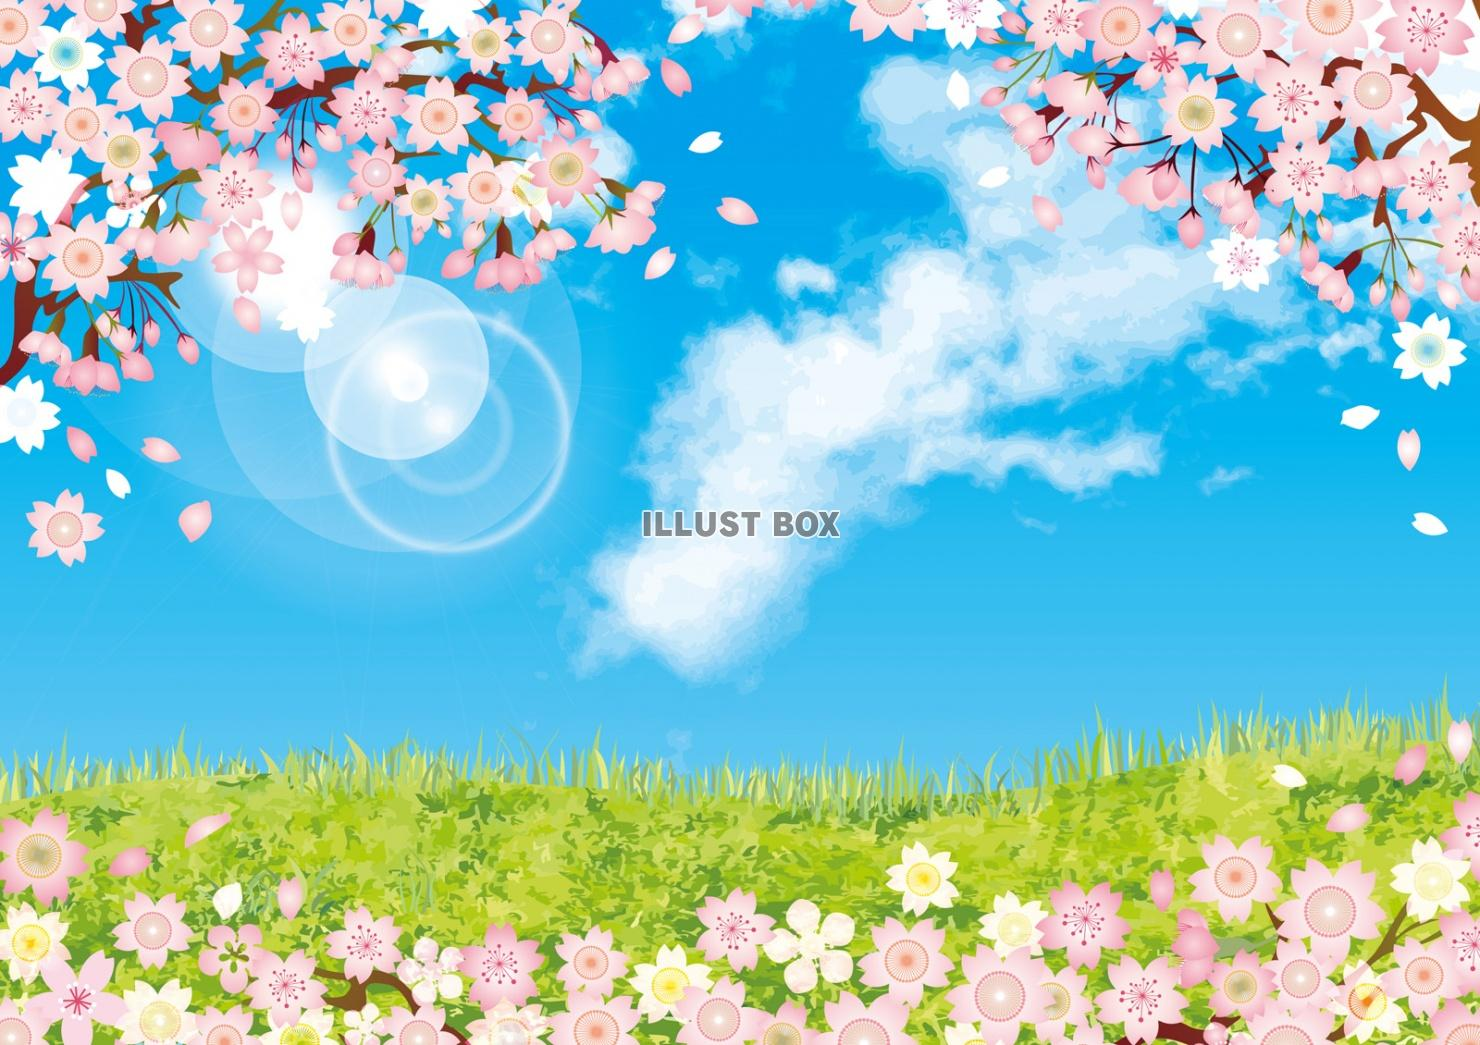 無料イラスト 桜 春 三月 四月 空 背景 満開 青空 散